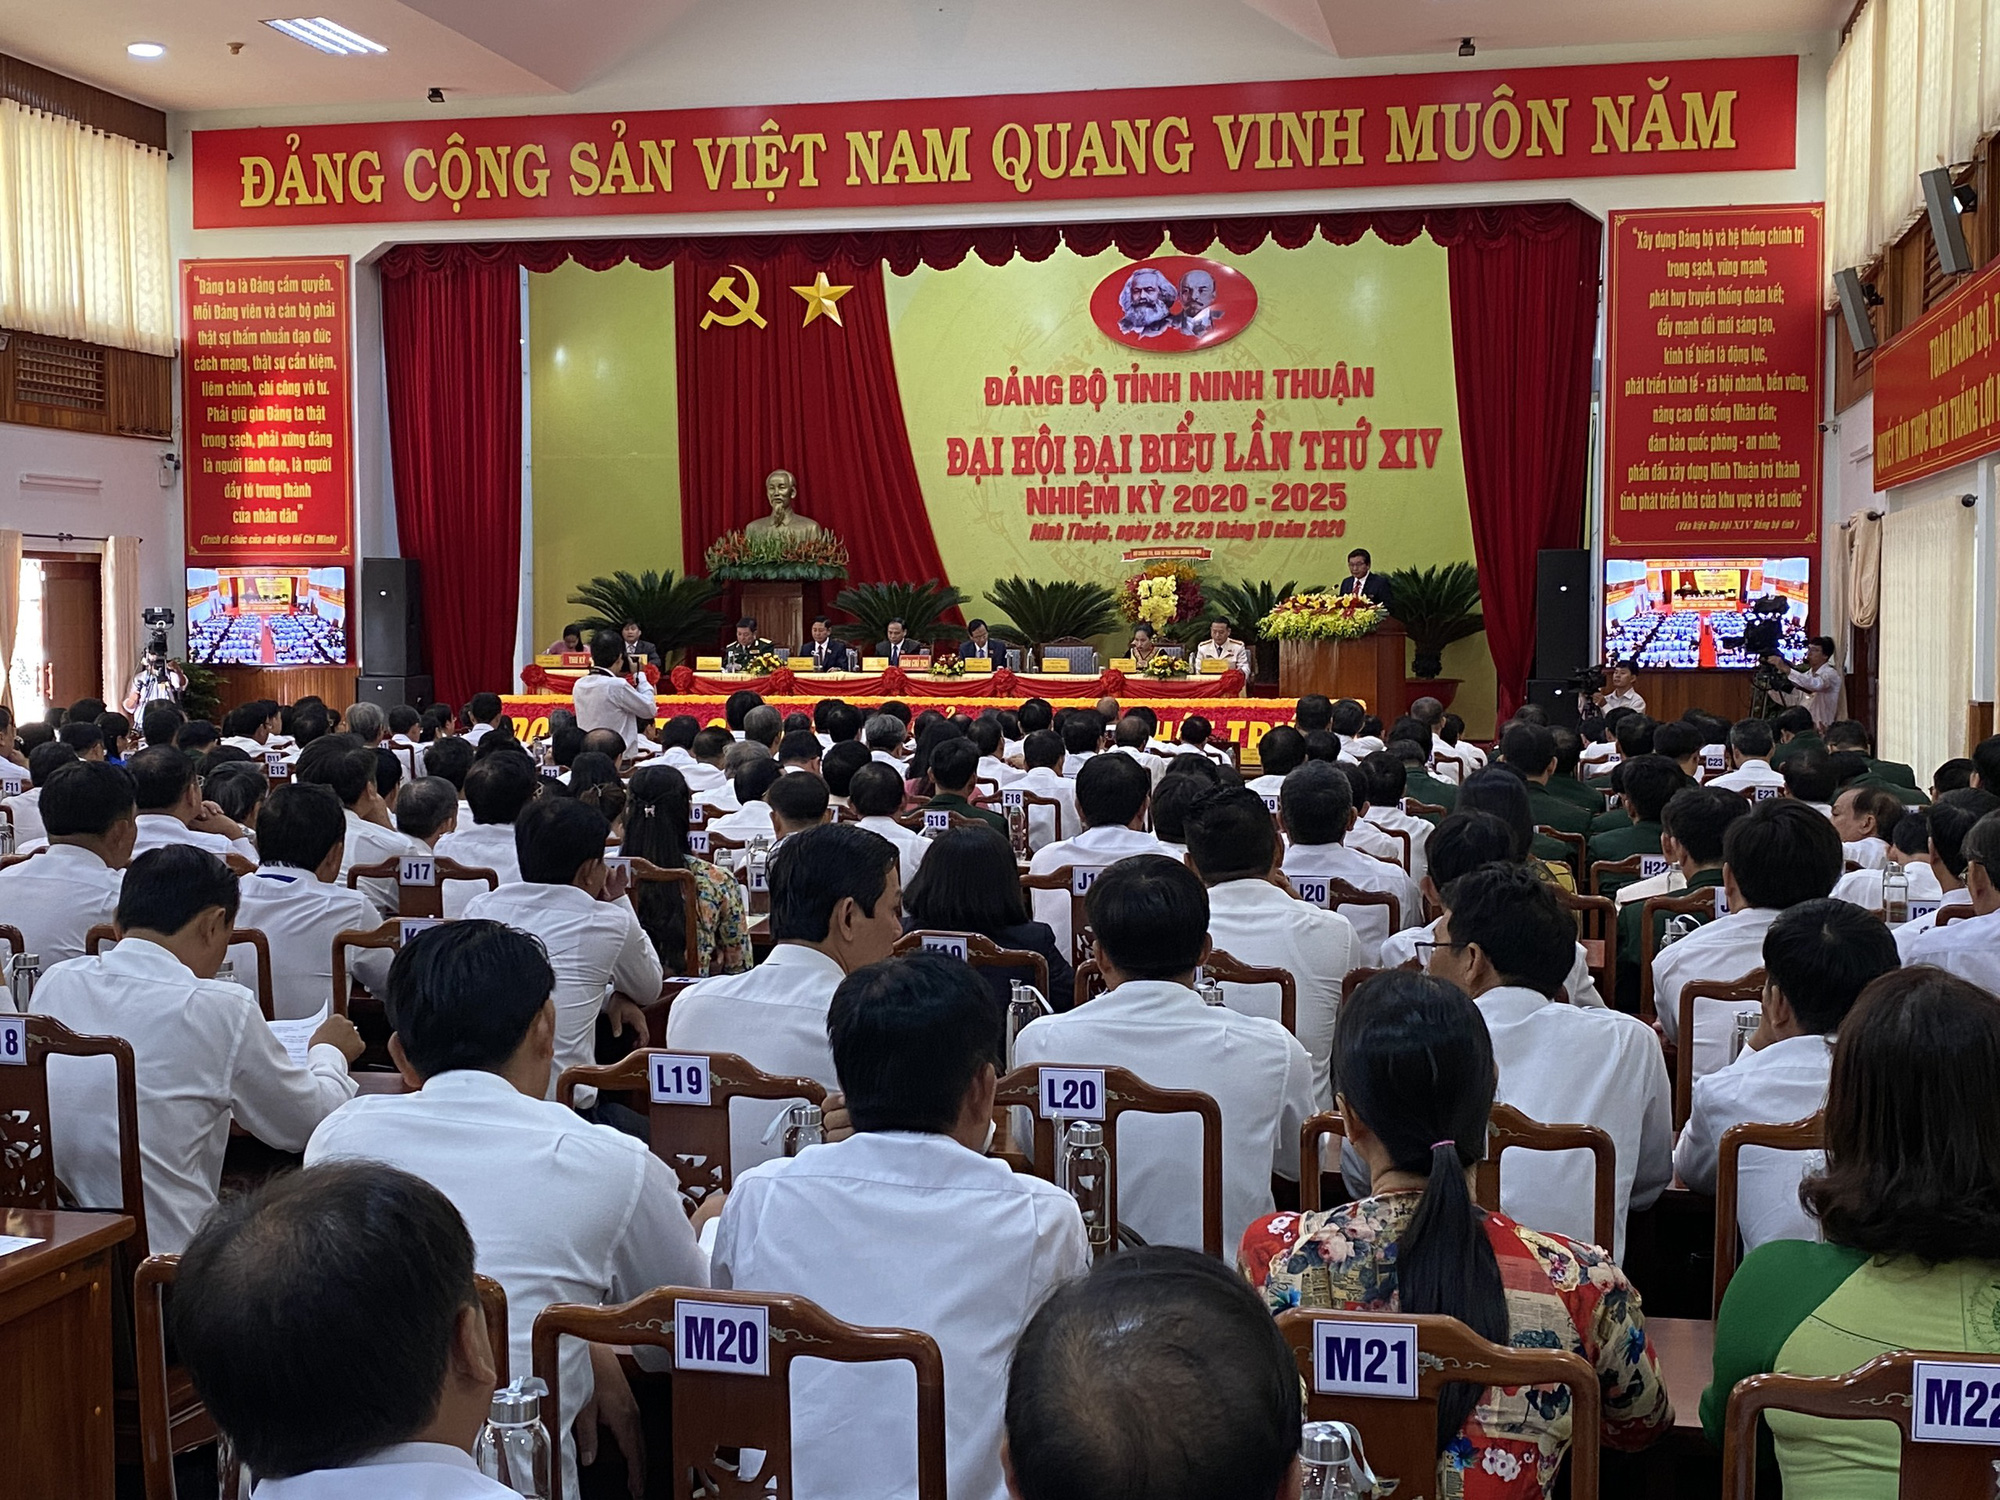 Ninh Thuận: Chú ý đến cán bộ nữ, cán bộ trẻ, cán bộ là đồng bào dân tộc thiểu số - Ảnh 1.